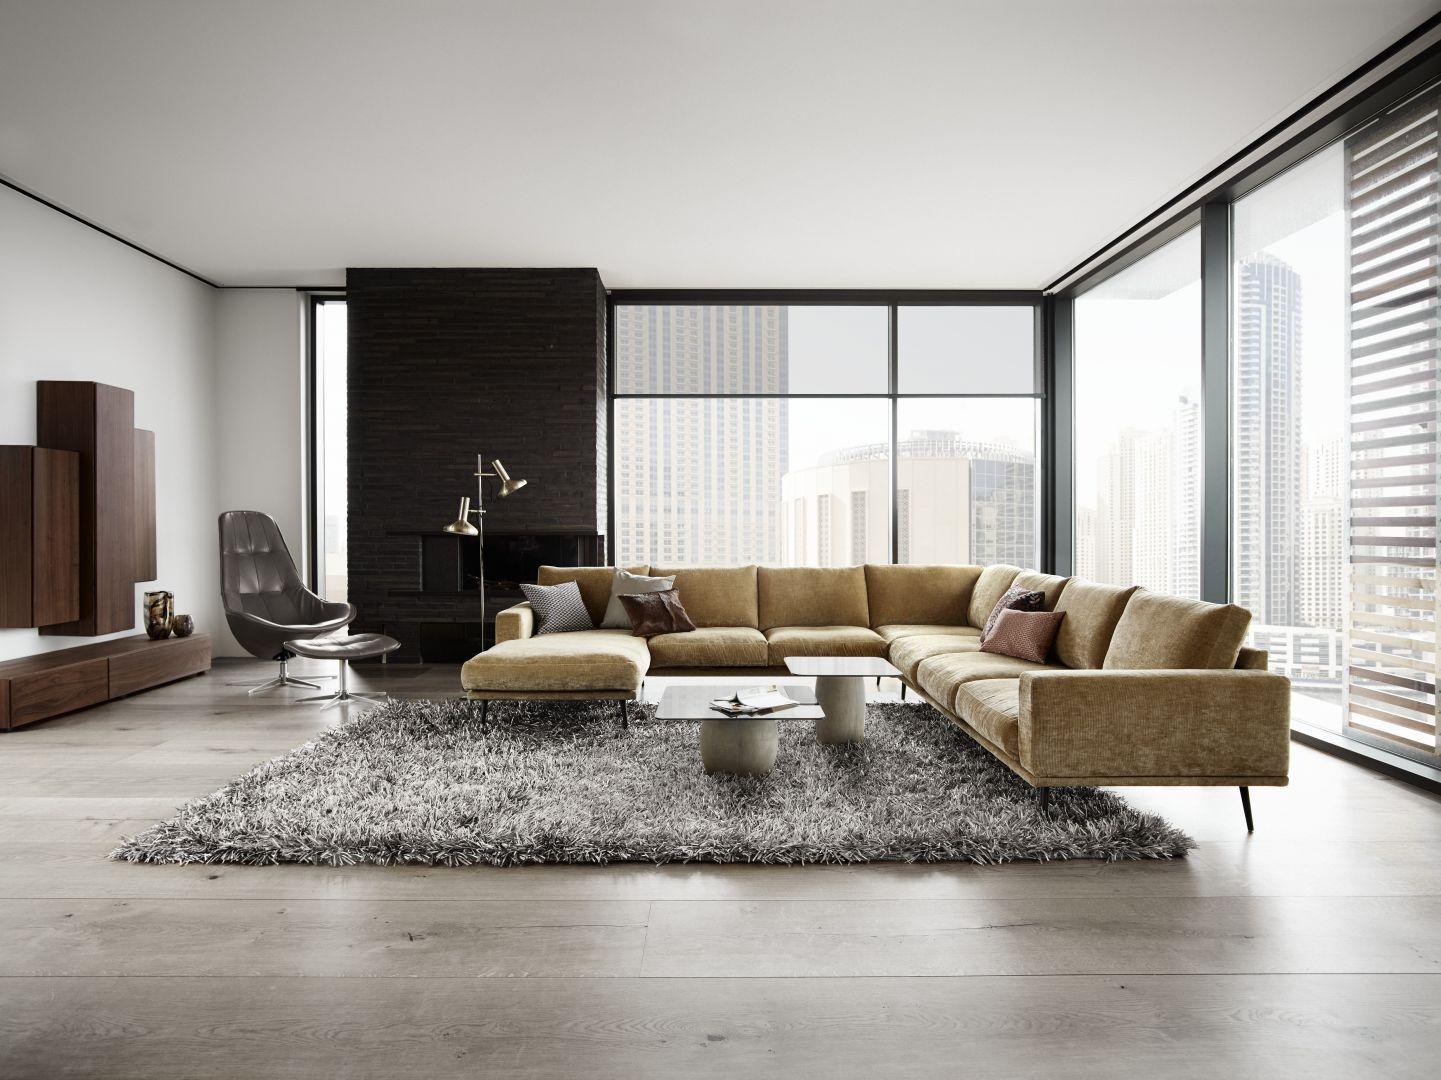 Sofa modułowa tapicerowana tkaniną Fot. BoConcept